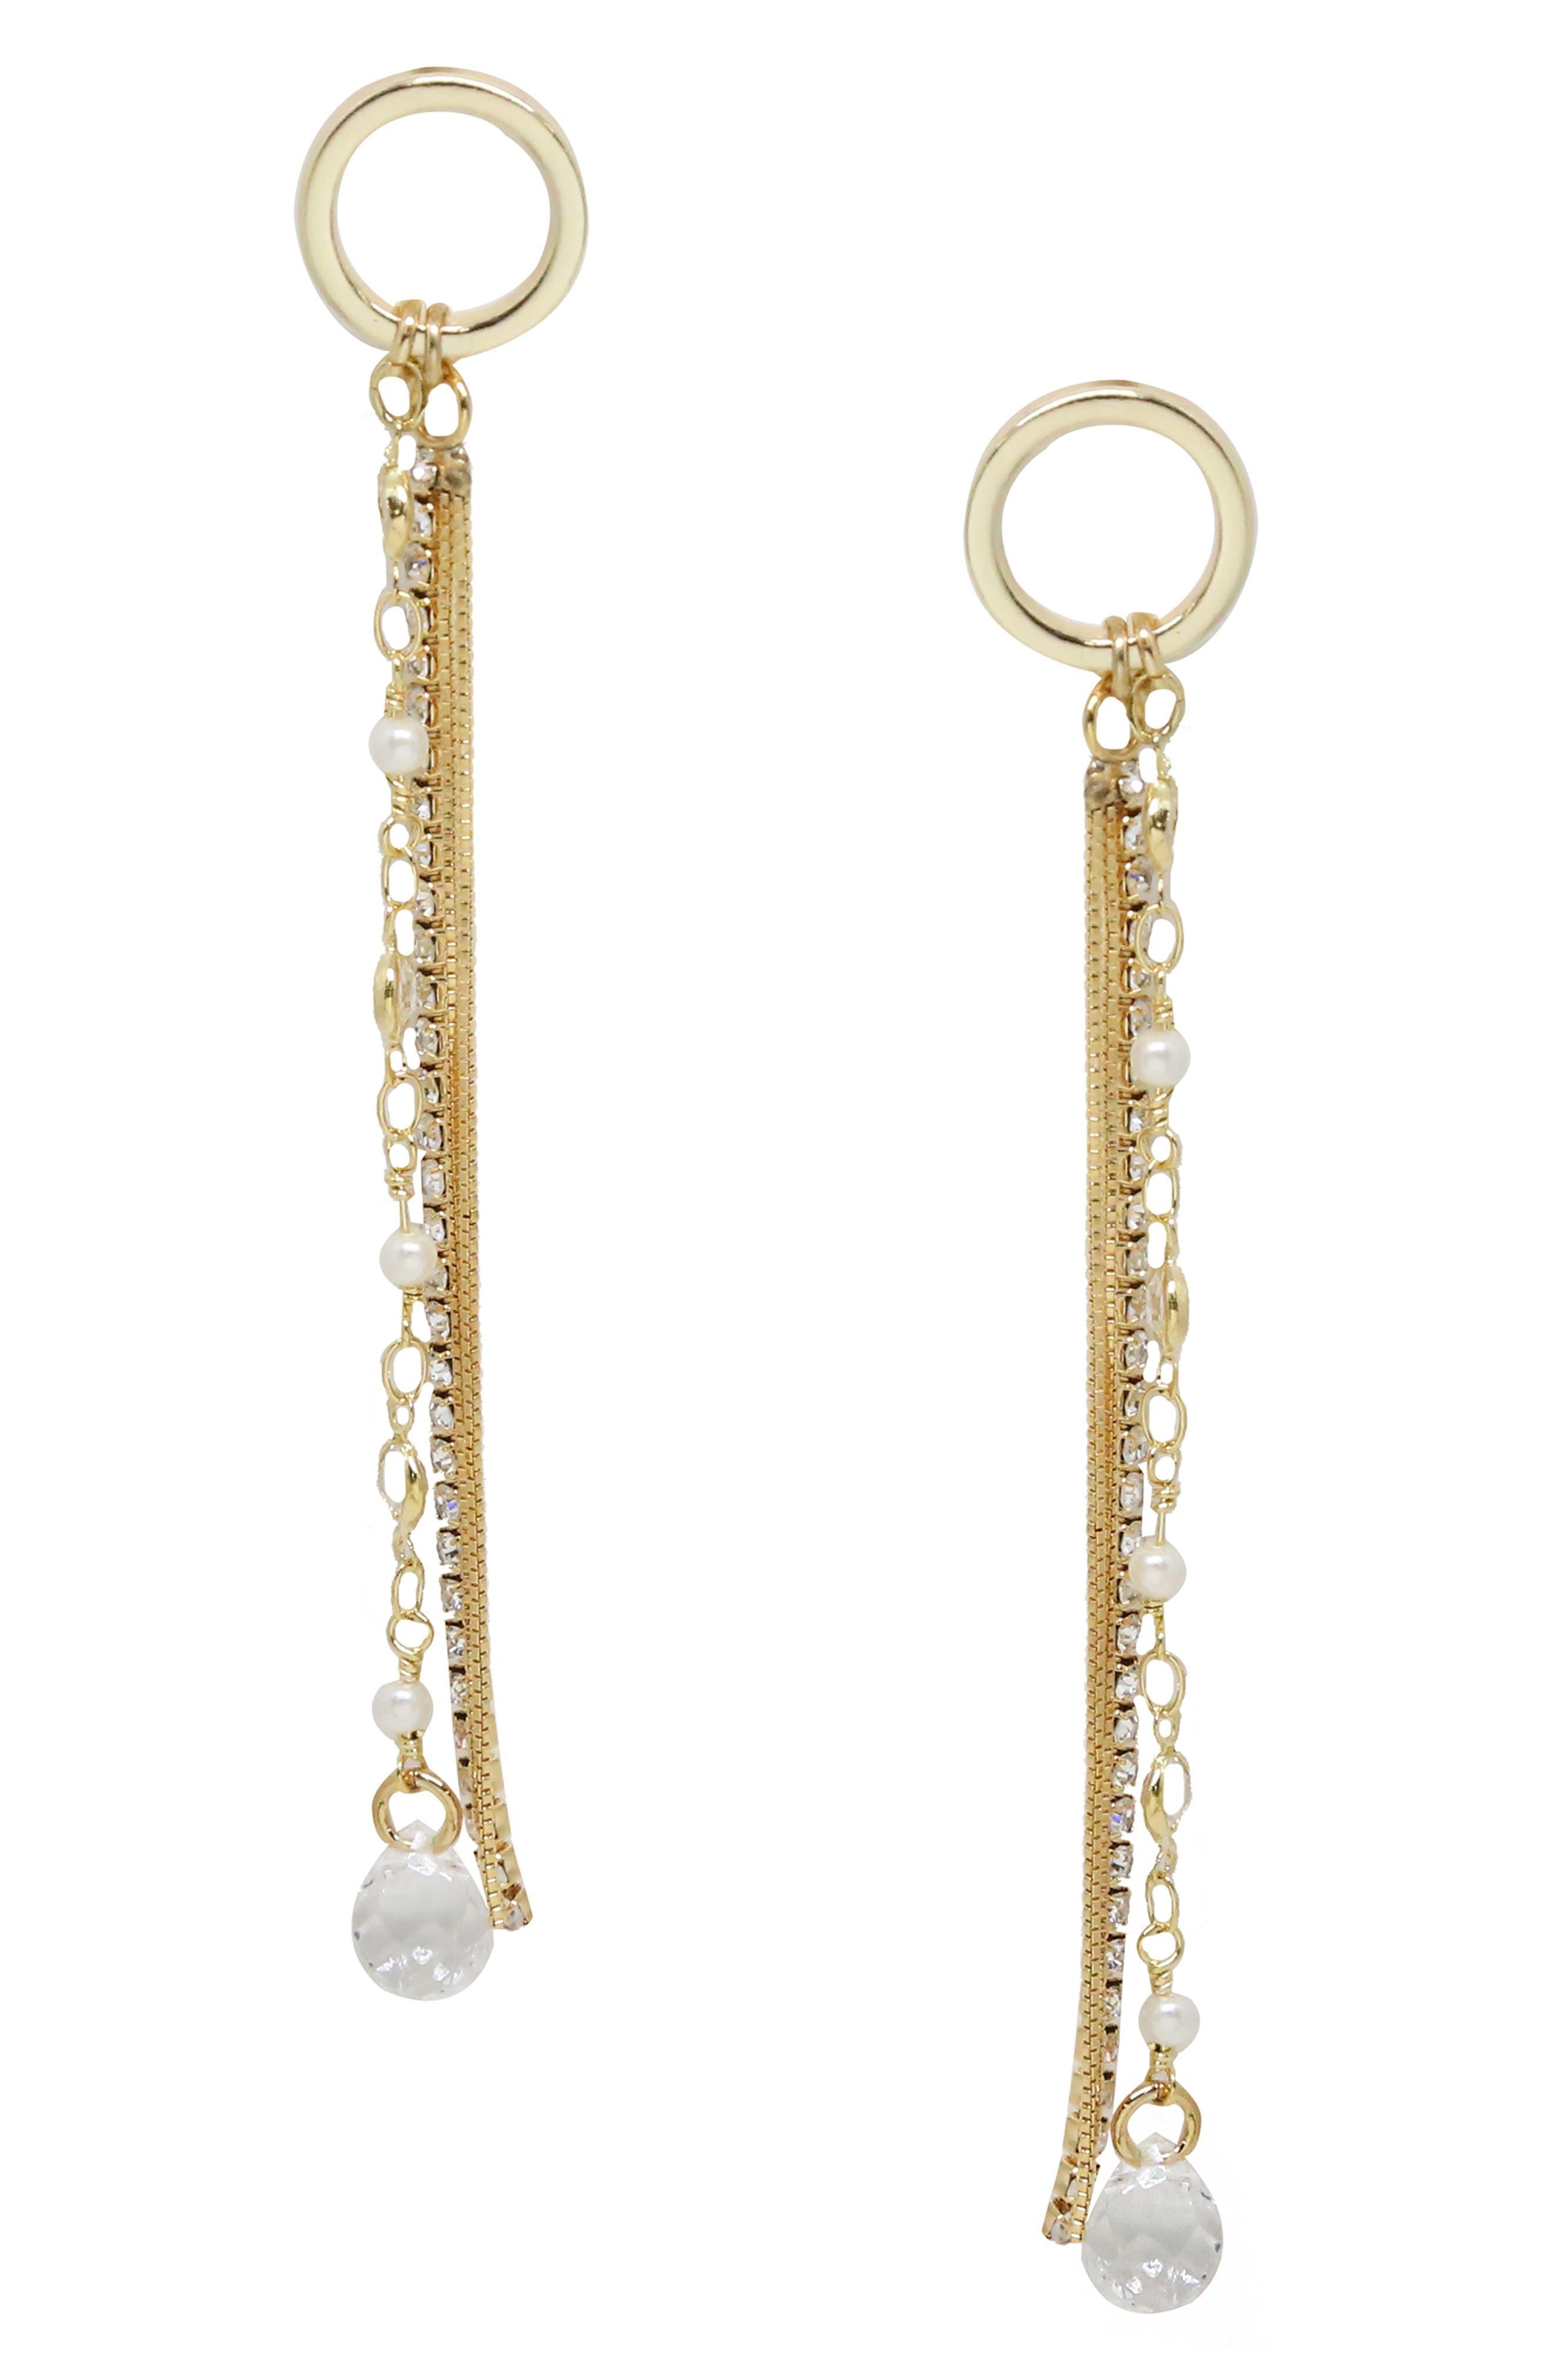 ETTIKA Imitation Pearl Drop Earrings in Gold